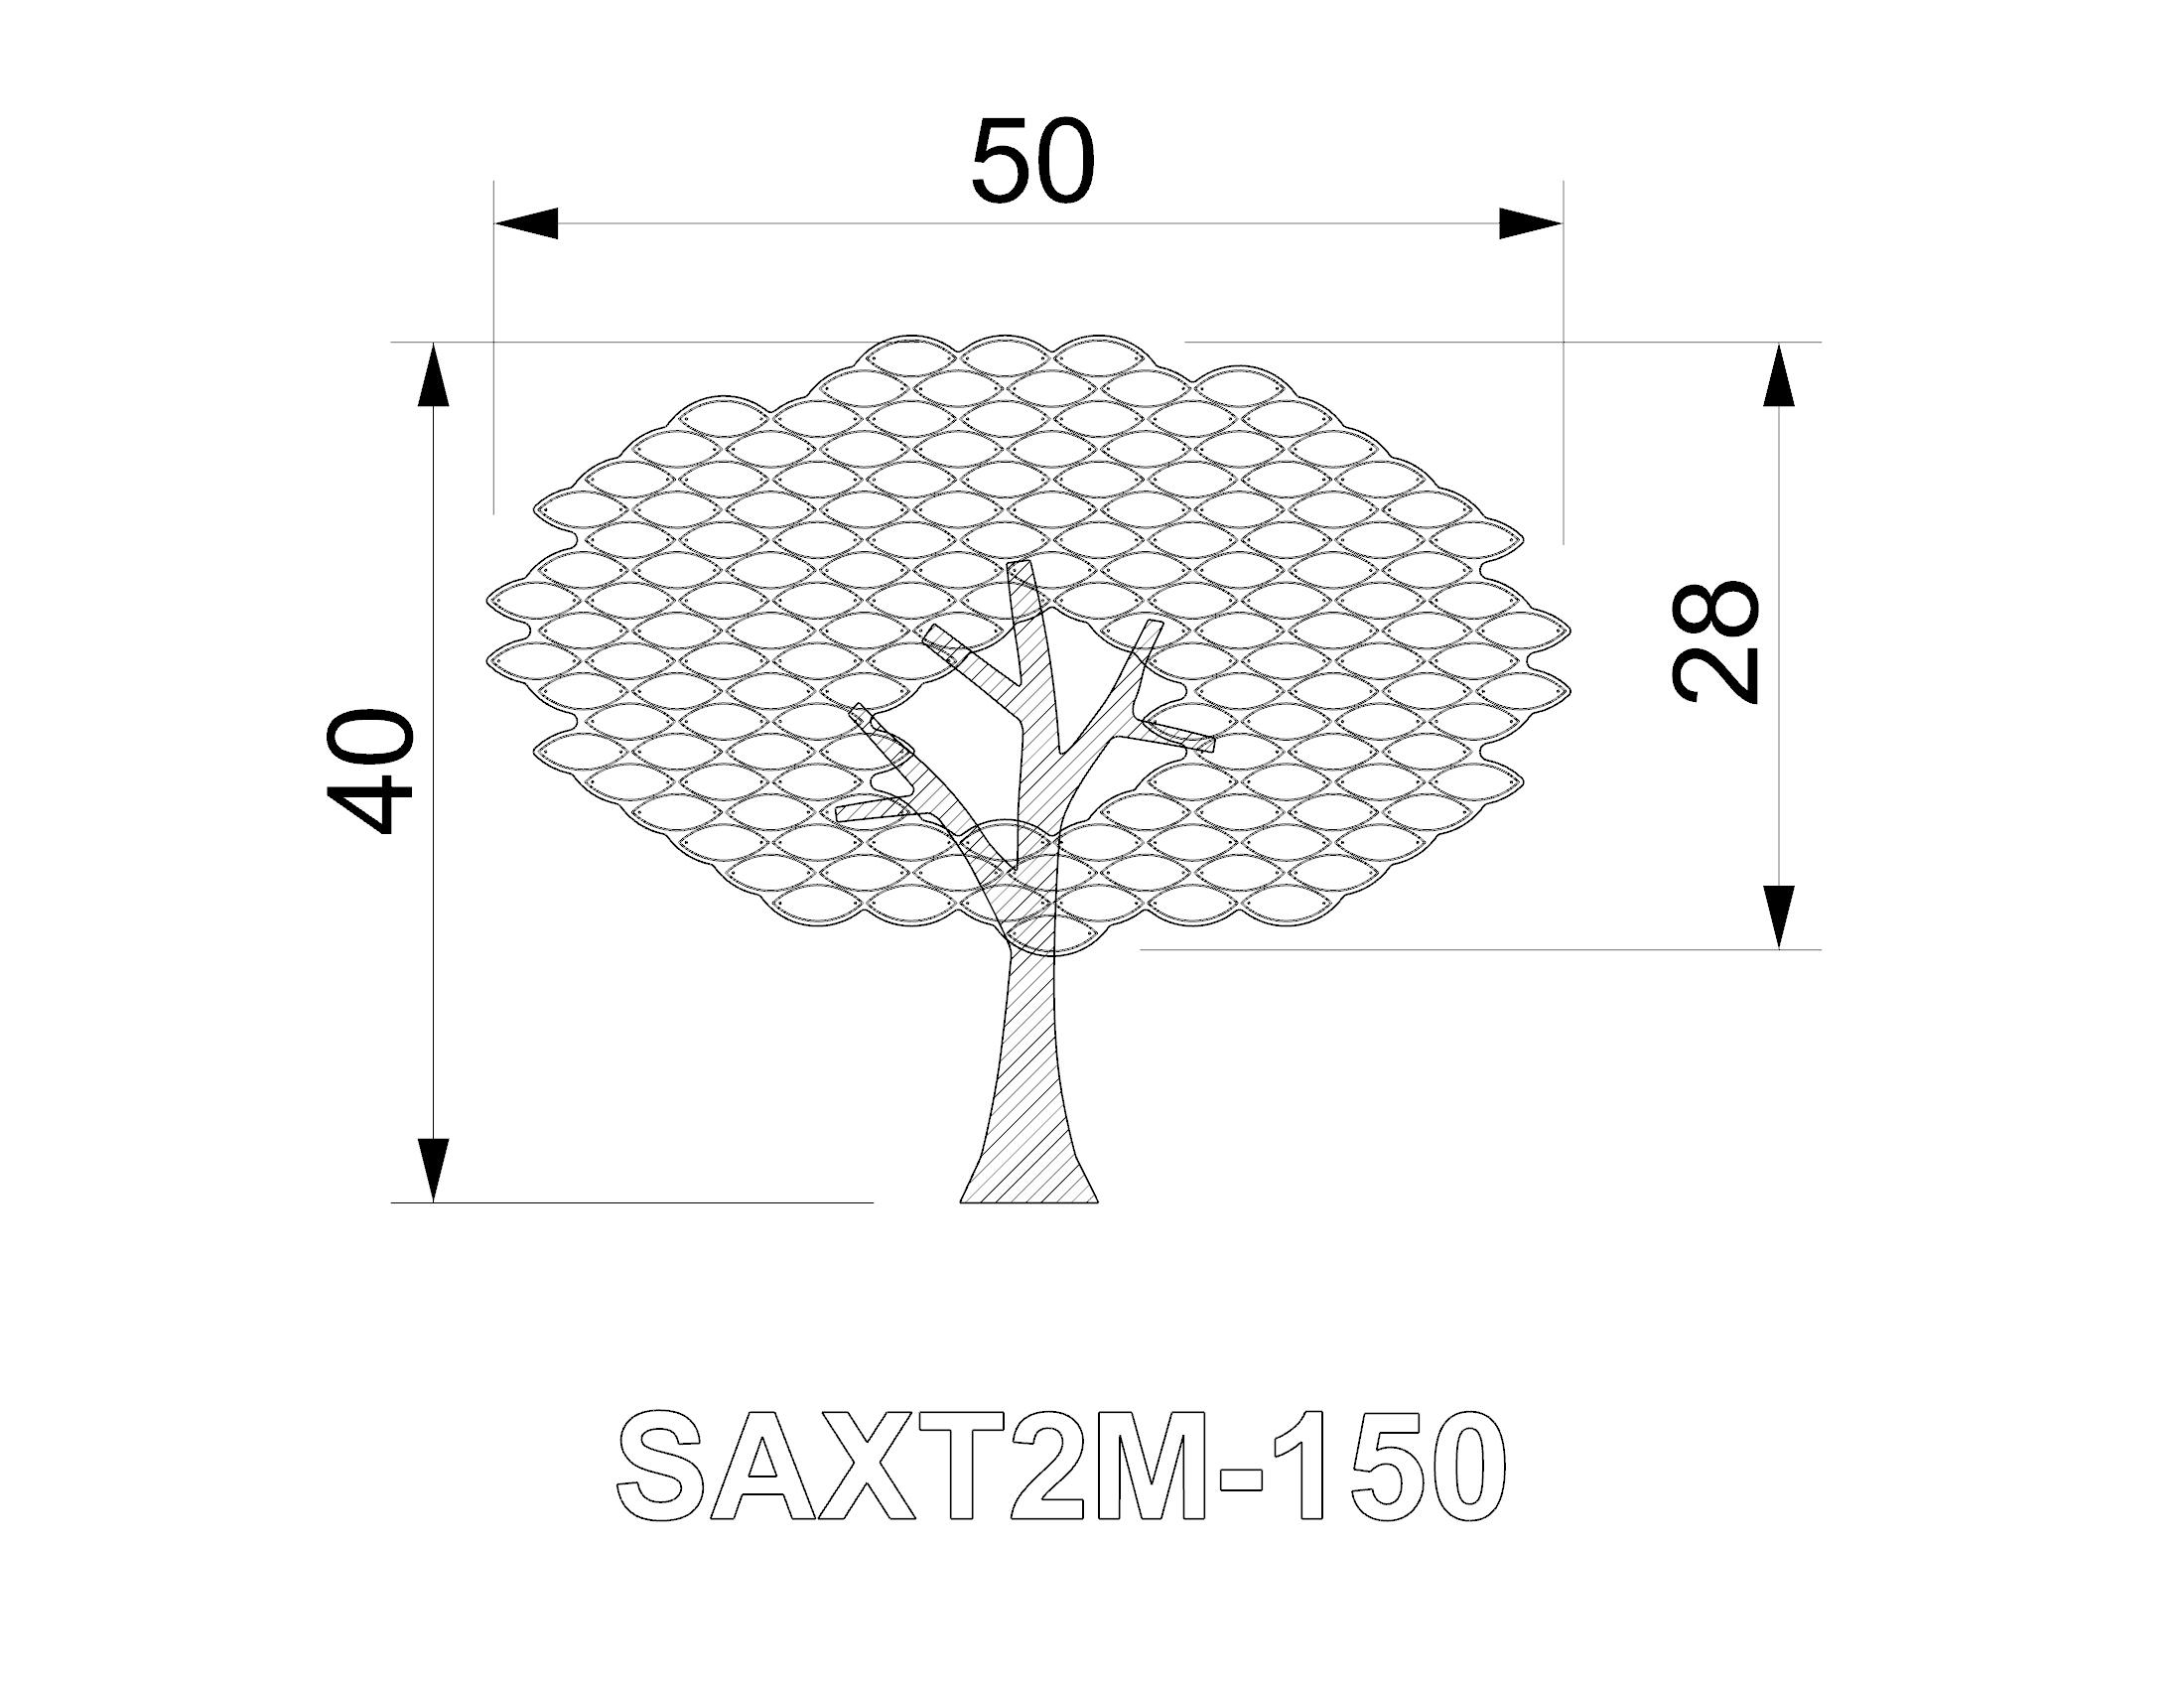 SAXT2M-150.jpg